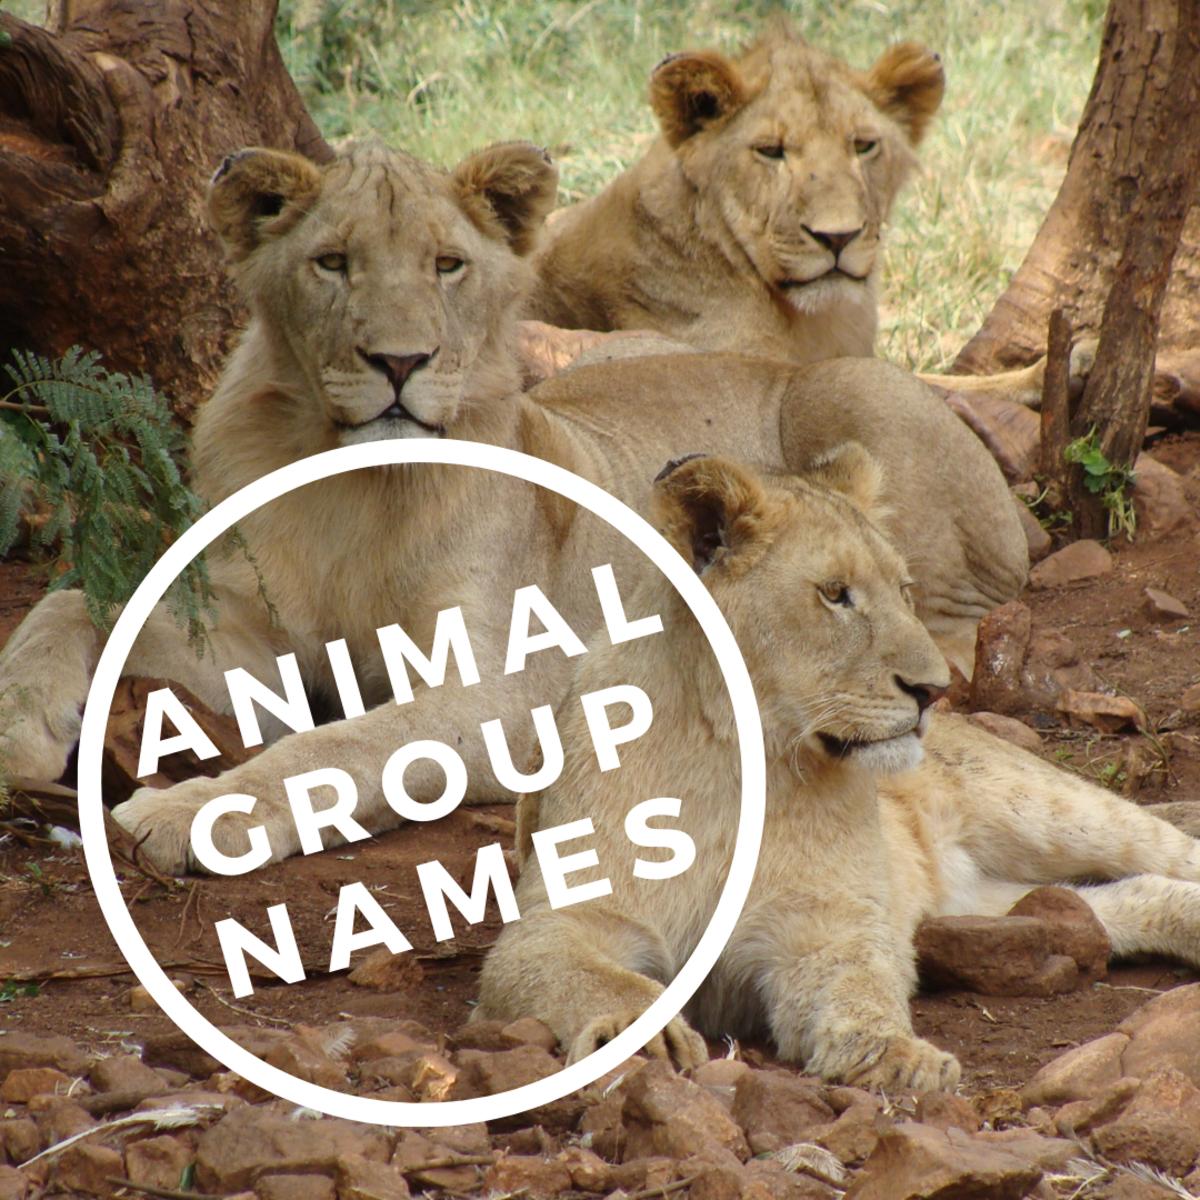 Animal Group Names